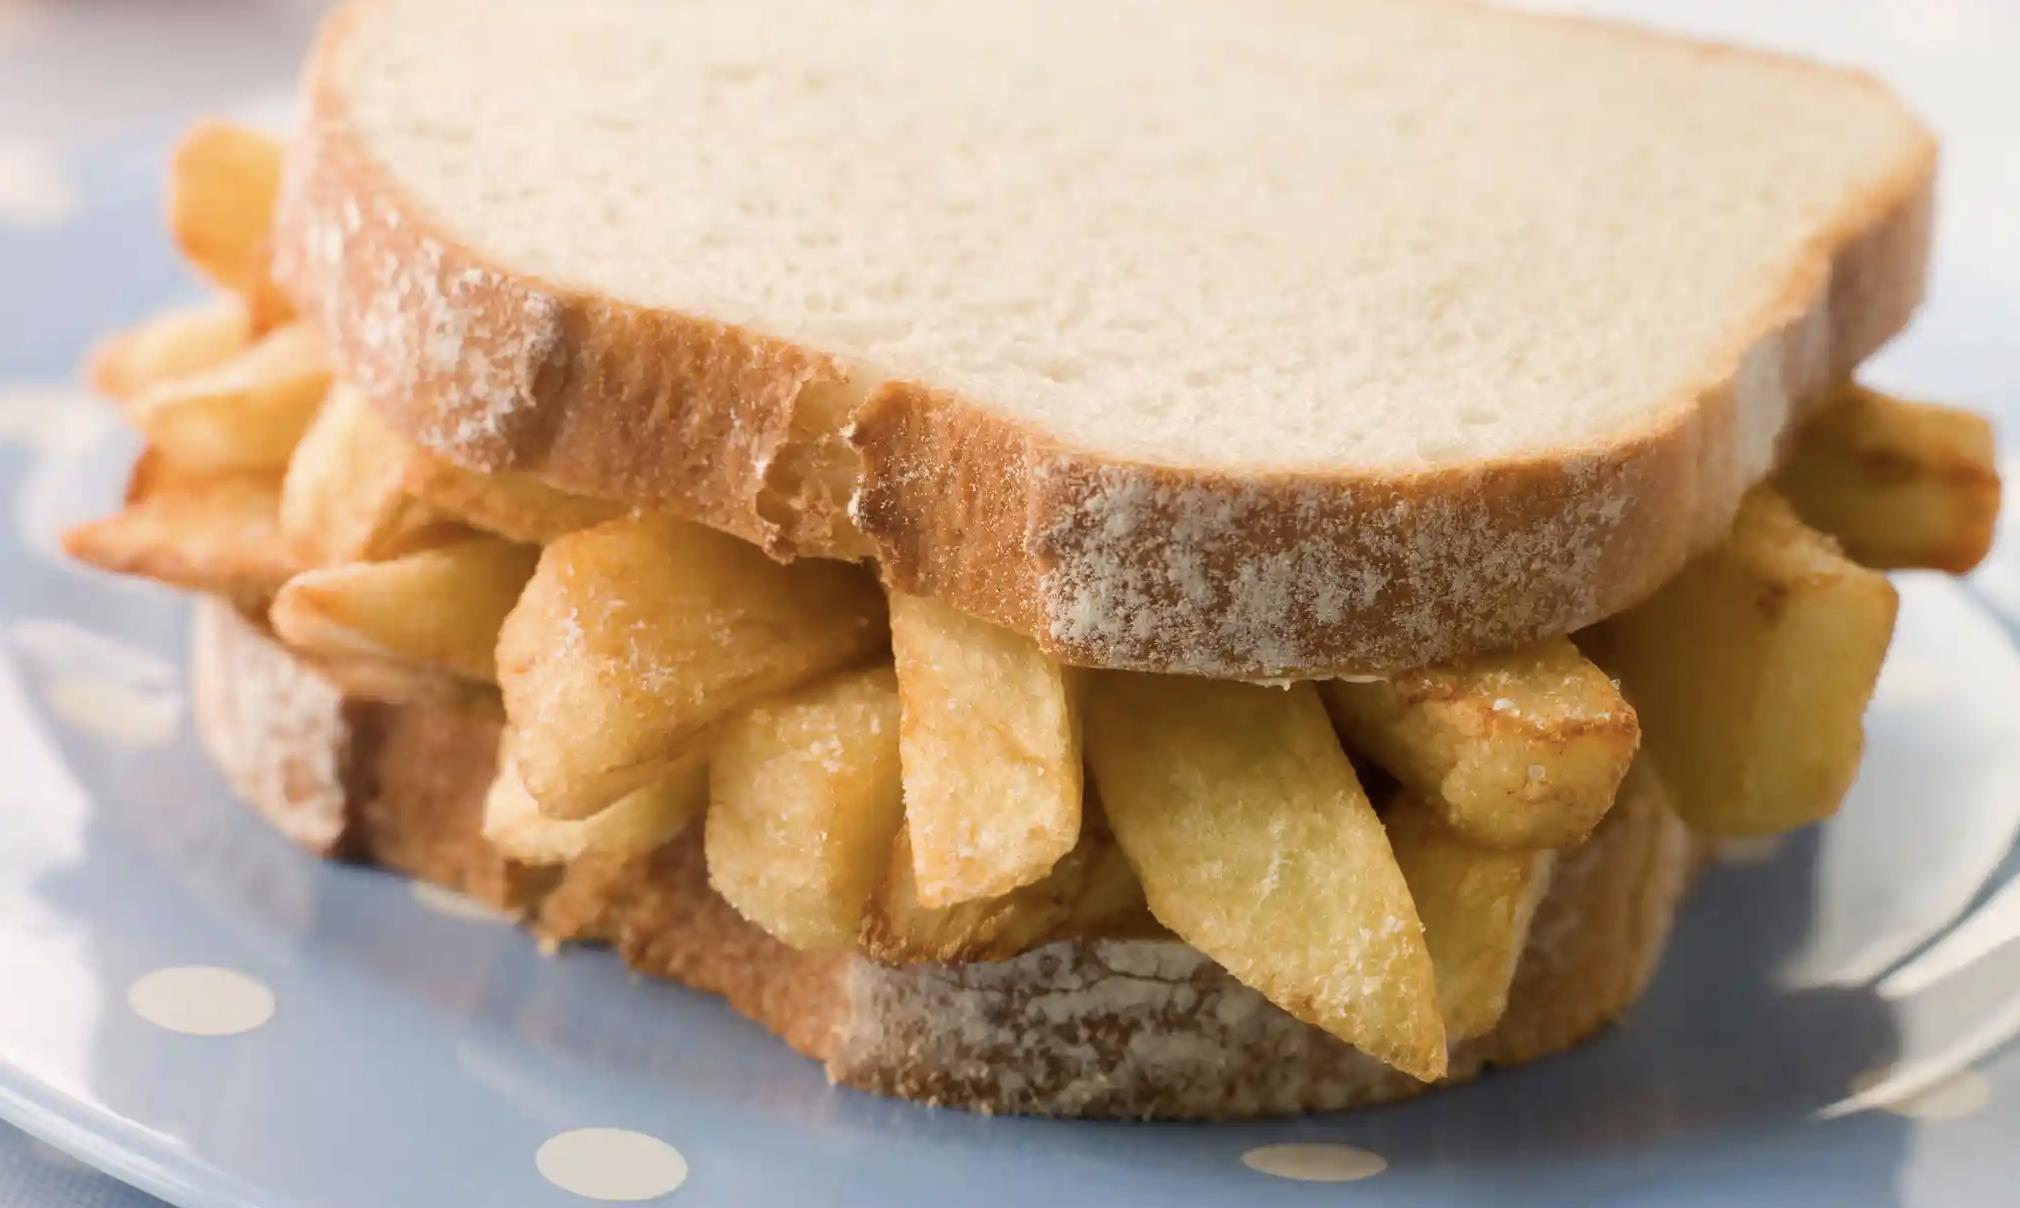 chip butty sandwich